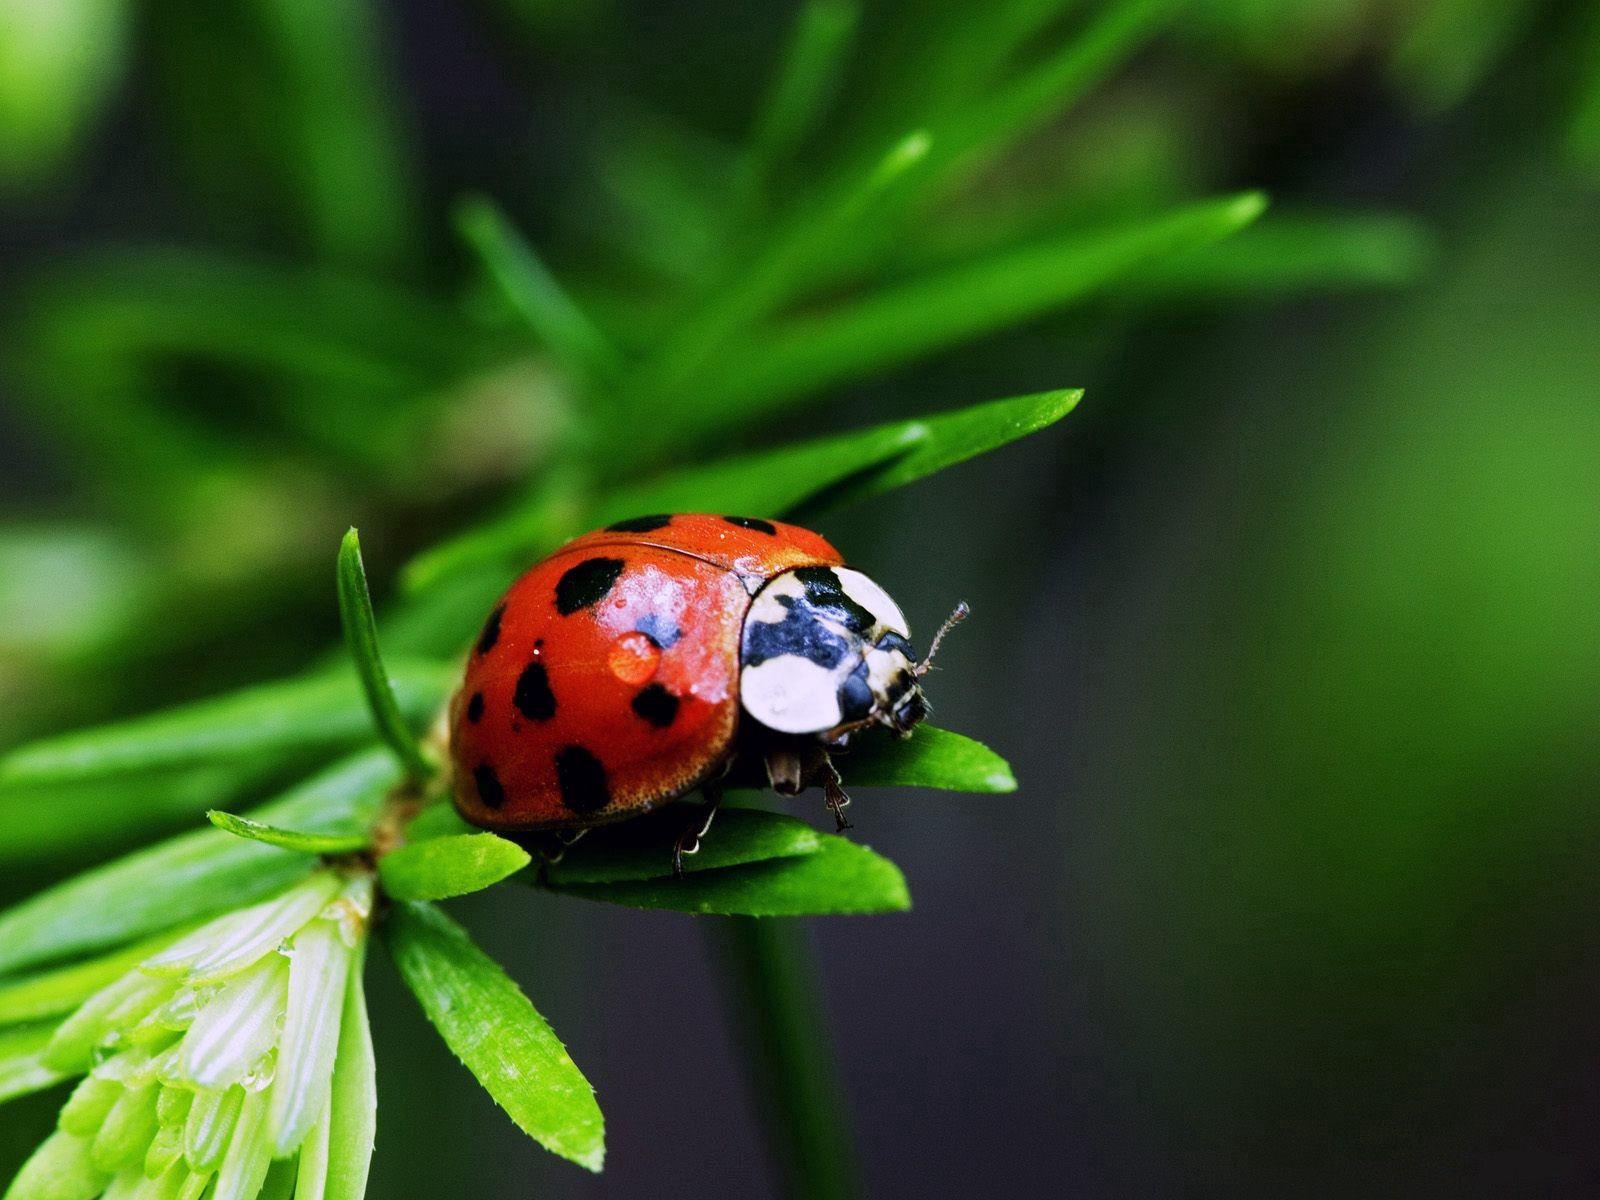 89663 Hintergrundbild herunterladen Marienkäfer, Grass, Pflanze, Makro, Ladybird - Bildschirmschoner und Bilder kostenlos